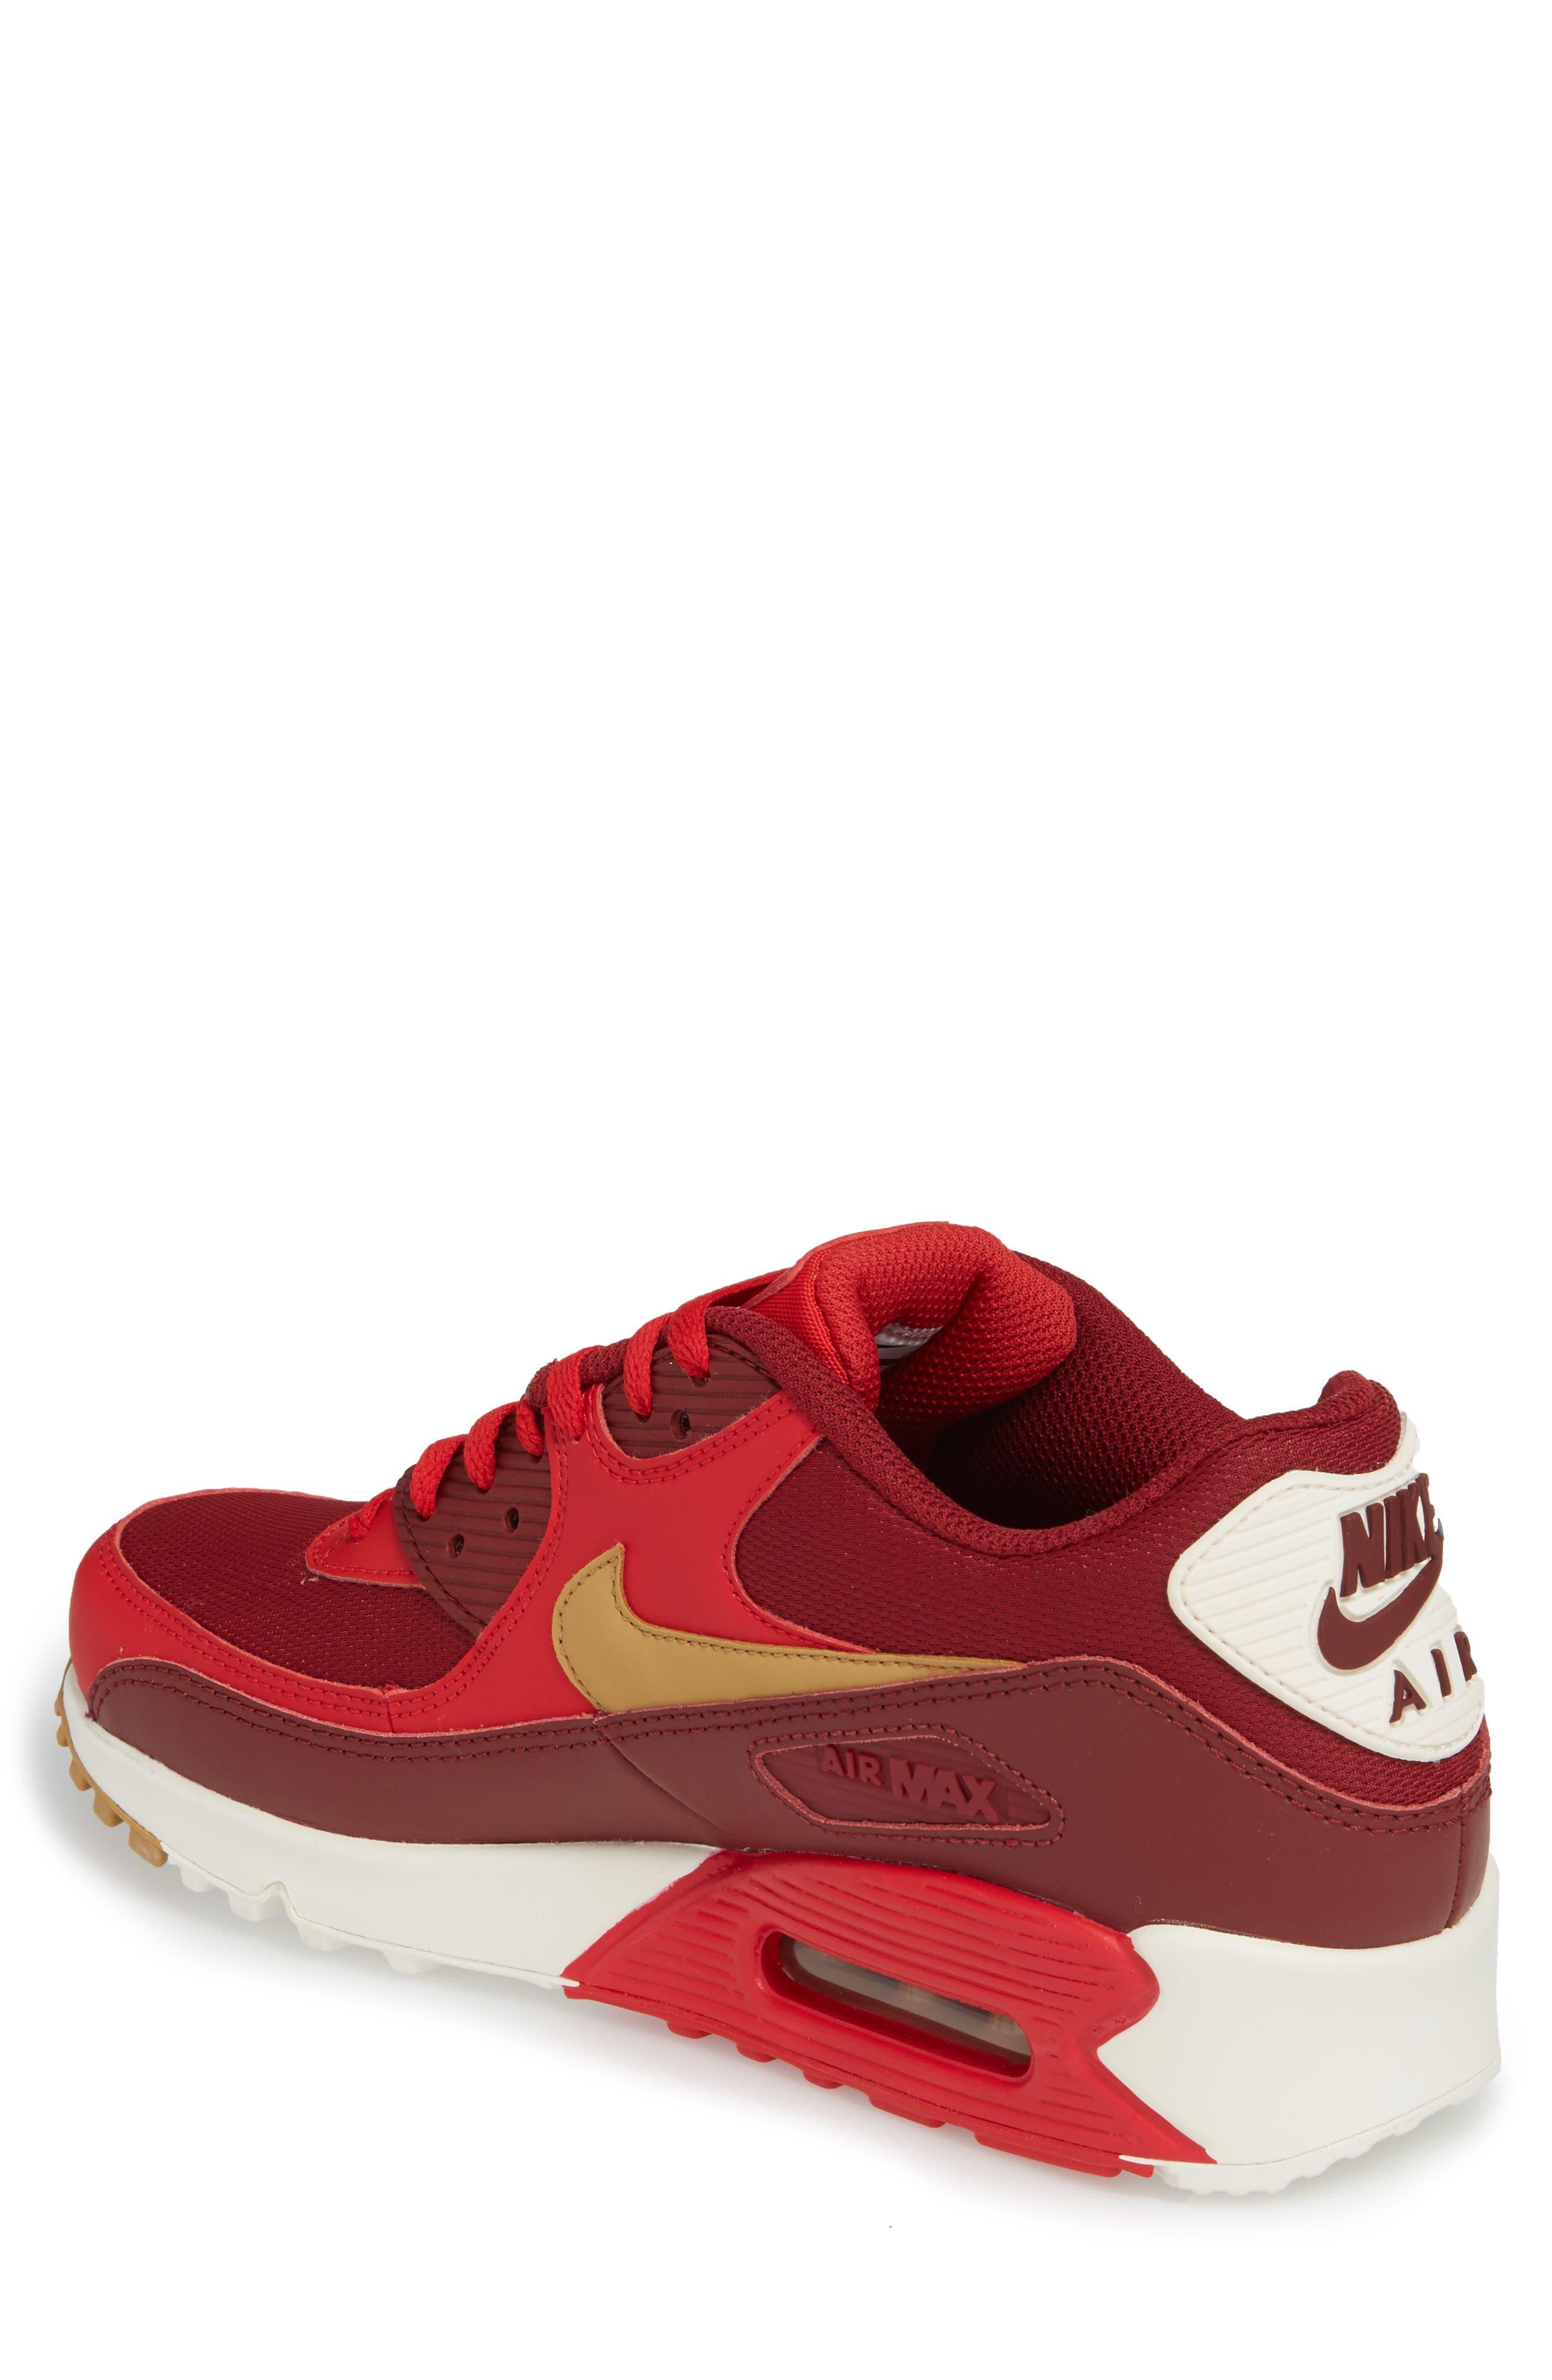 Alternate Image 2  - Nike 'Air Max 90 Essential' Sneaker (Men)